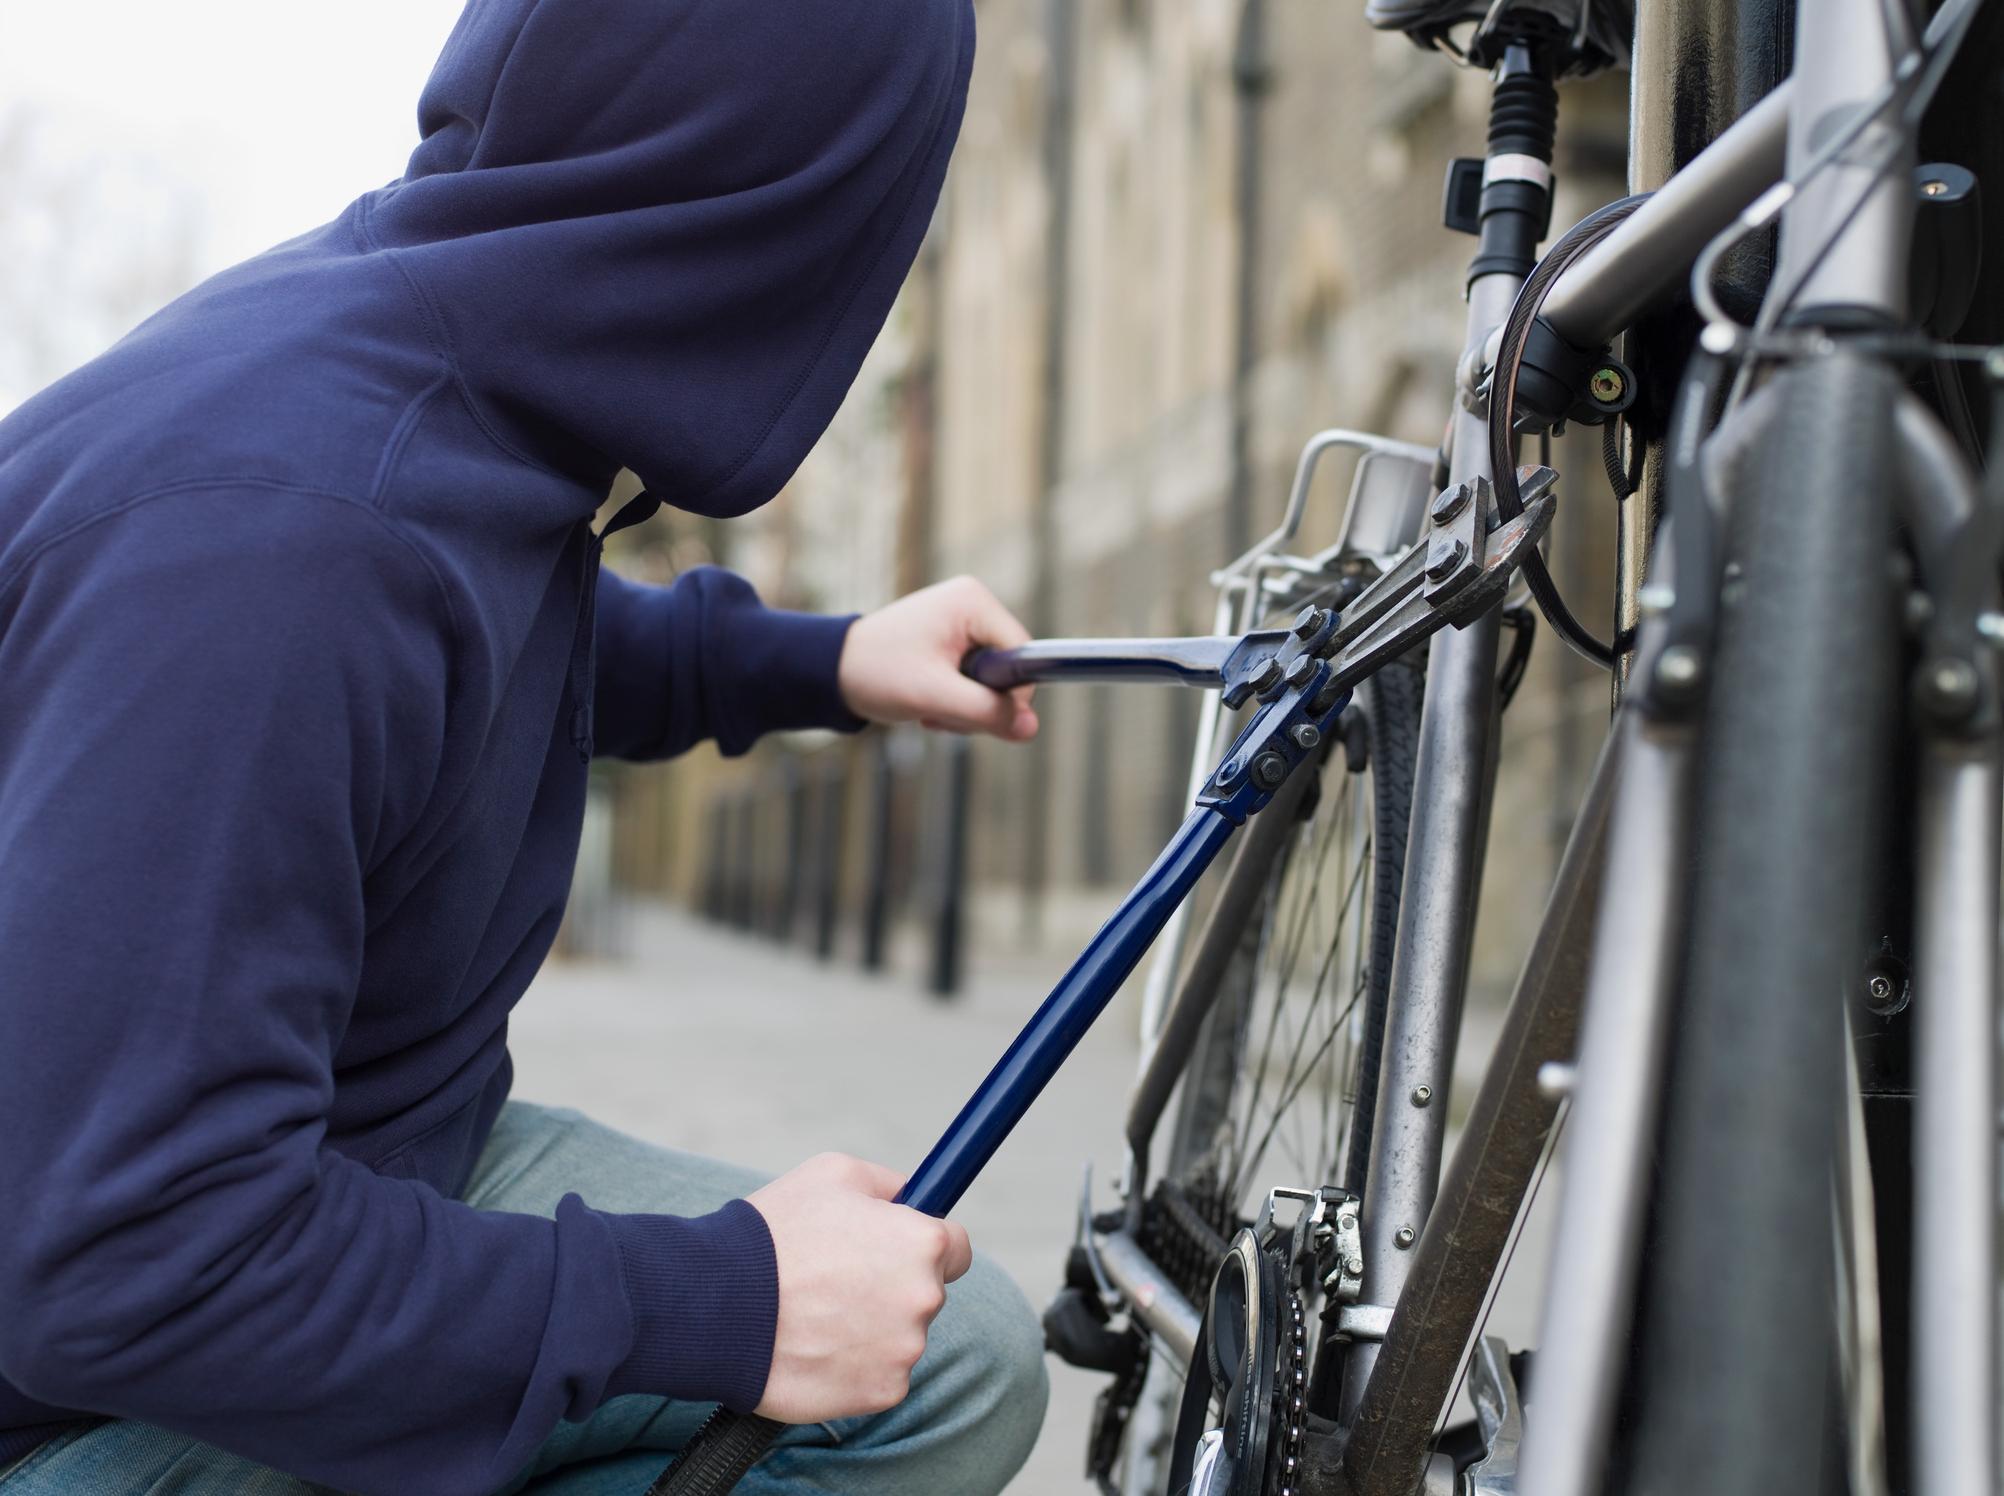 Bicicletă recuperată de polițiști la doar câteva ore de la primirea sesizării